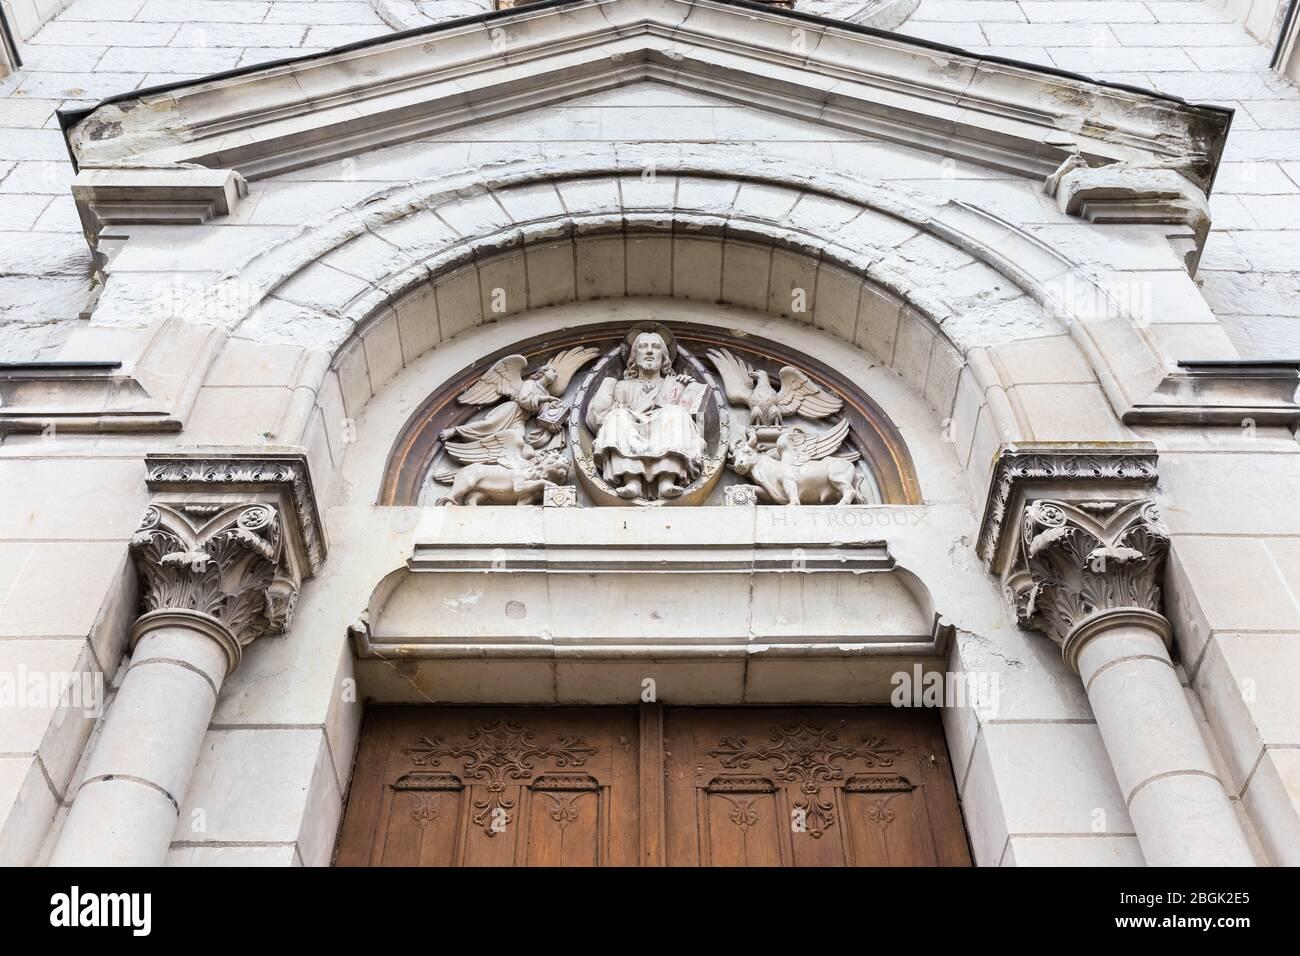 Detalle arquitectónico de la parroquia ortodoxa rumana de Saint Nectaire de Tours y la capilla de Saint Francois en el centro de la ciudad en un día de invierno Foto de stock